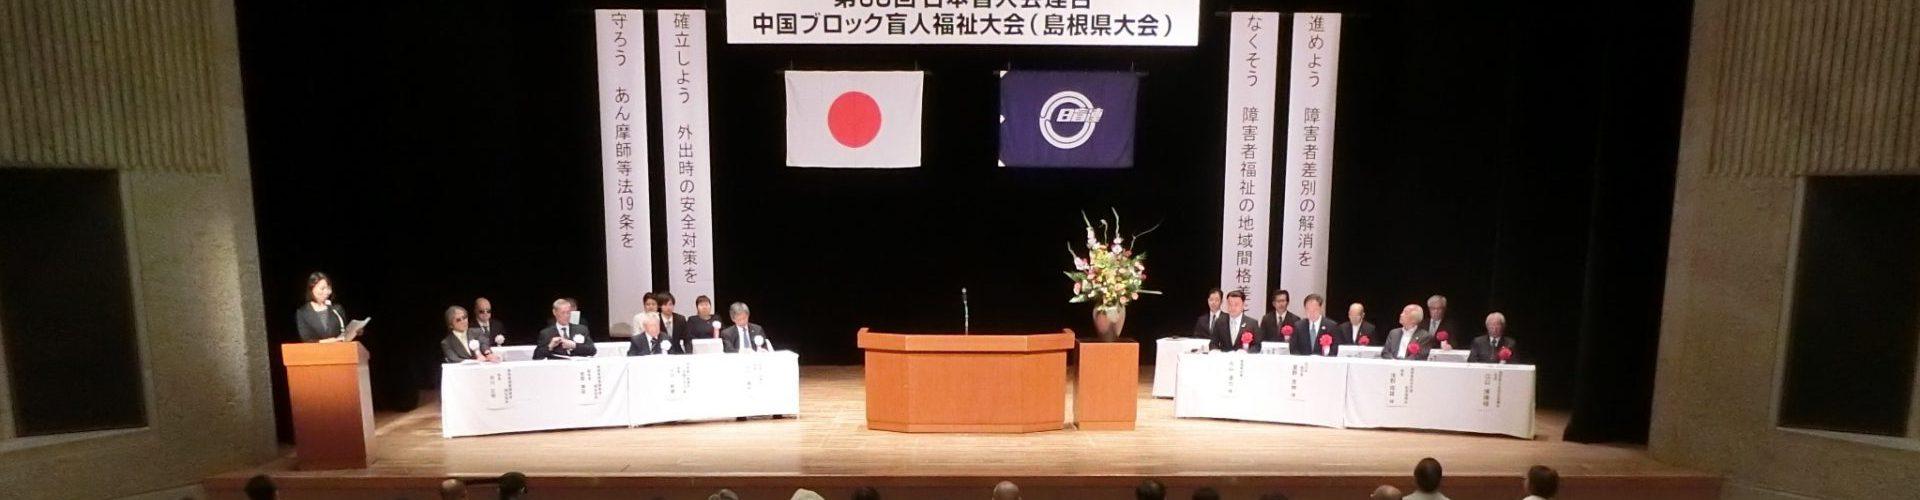 令和元年9月 中国ブロック視覚障害者福祉大会(島根県大会)式典 島根県知事他来賓の写真